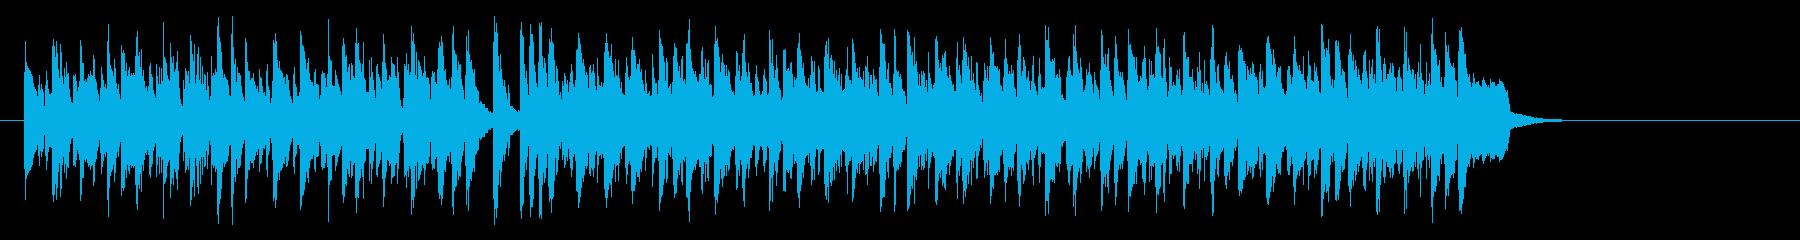 ワールド系サンバ風BGM(サビ~エンド)の再生済みの波形